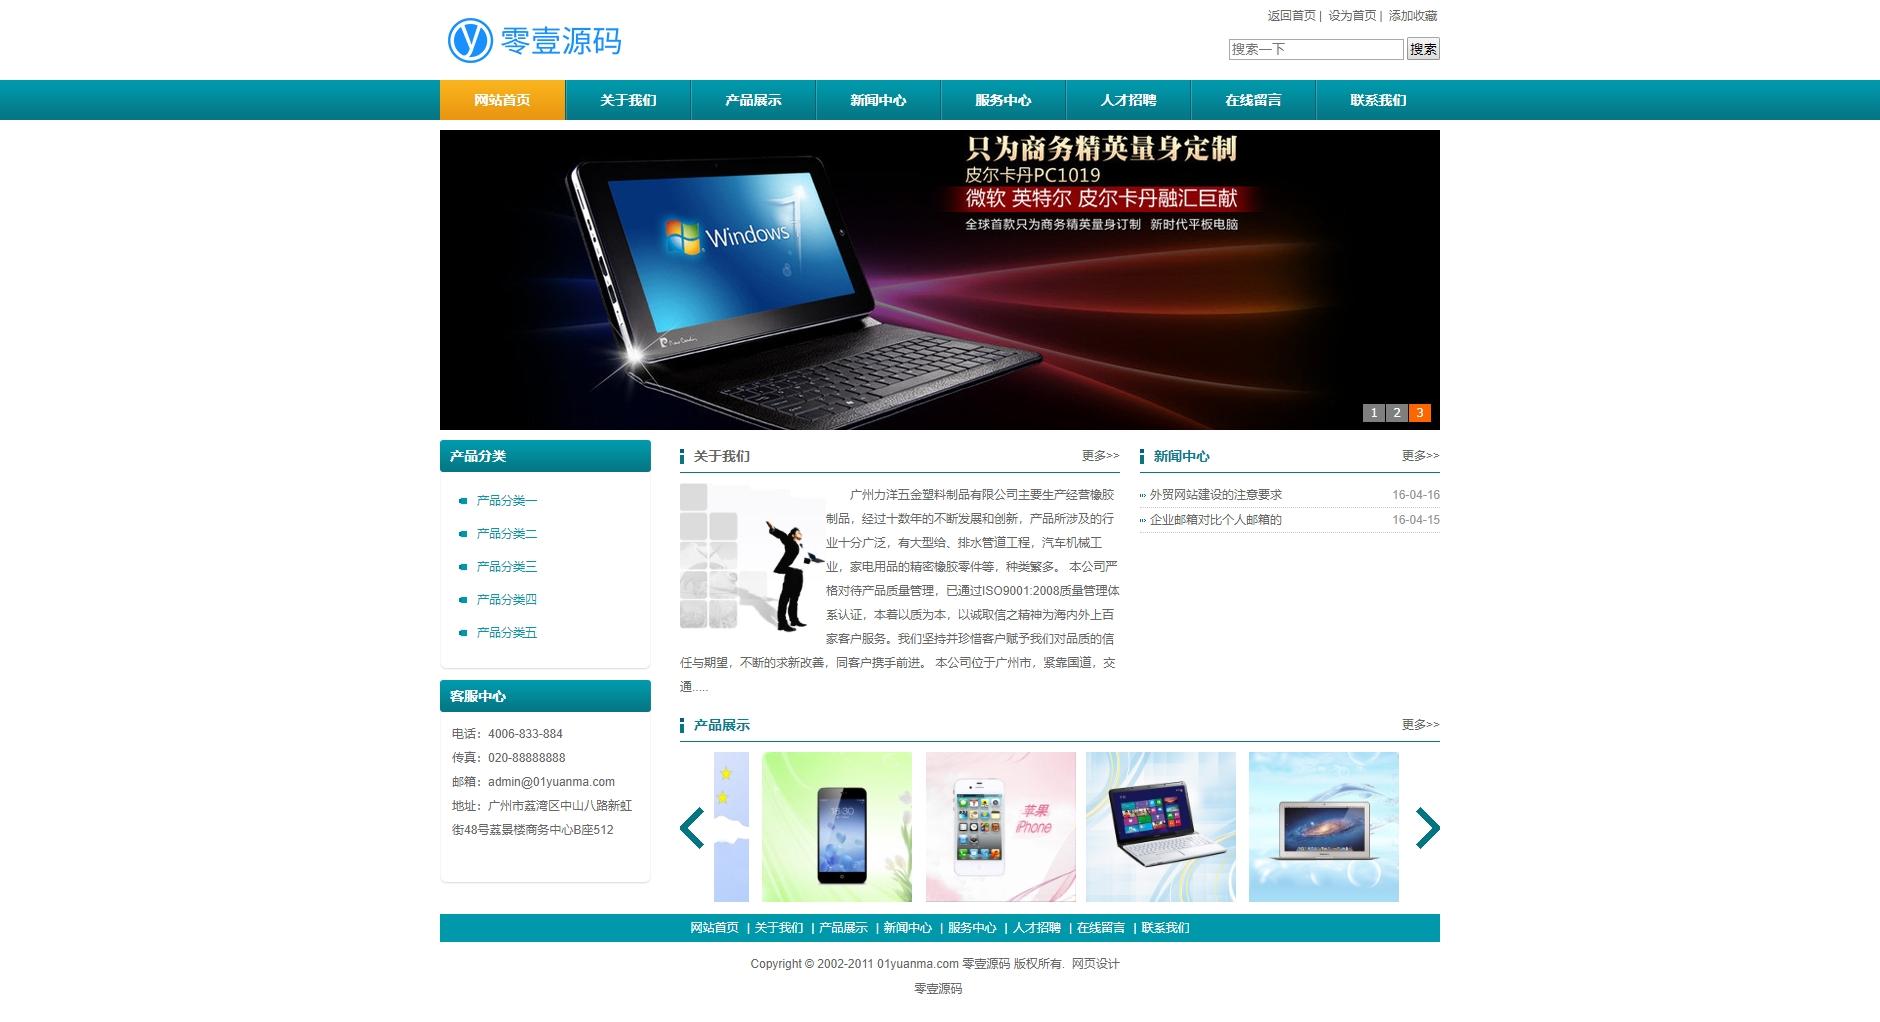 五金塑料制品产品类企业网站织梦dedecms模板